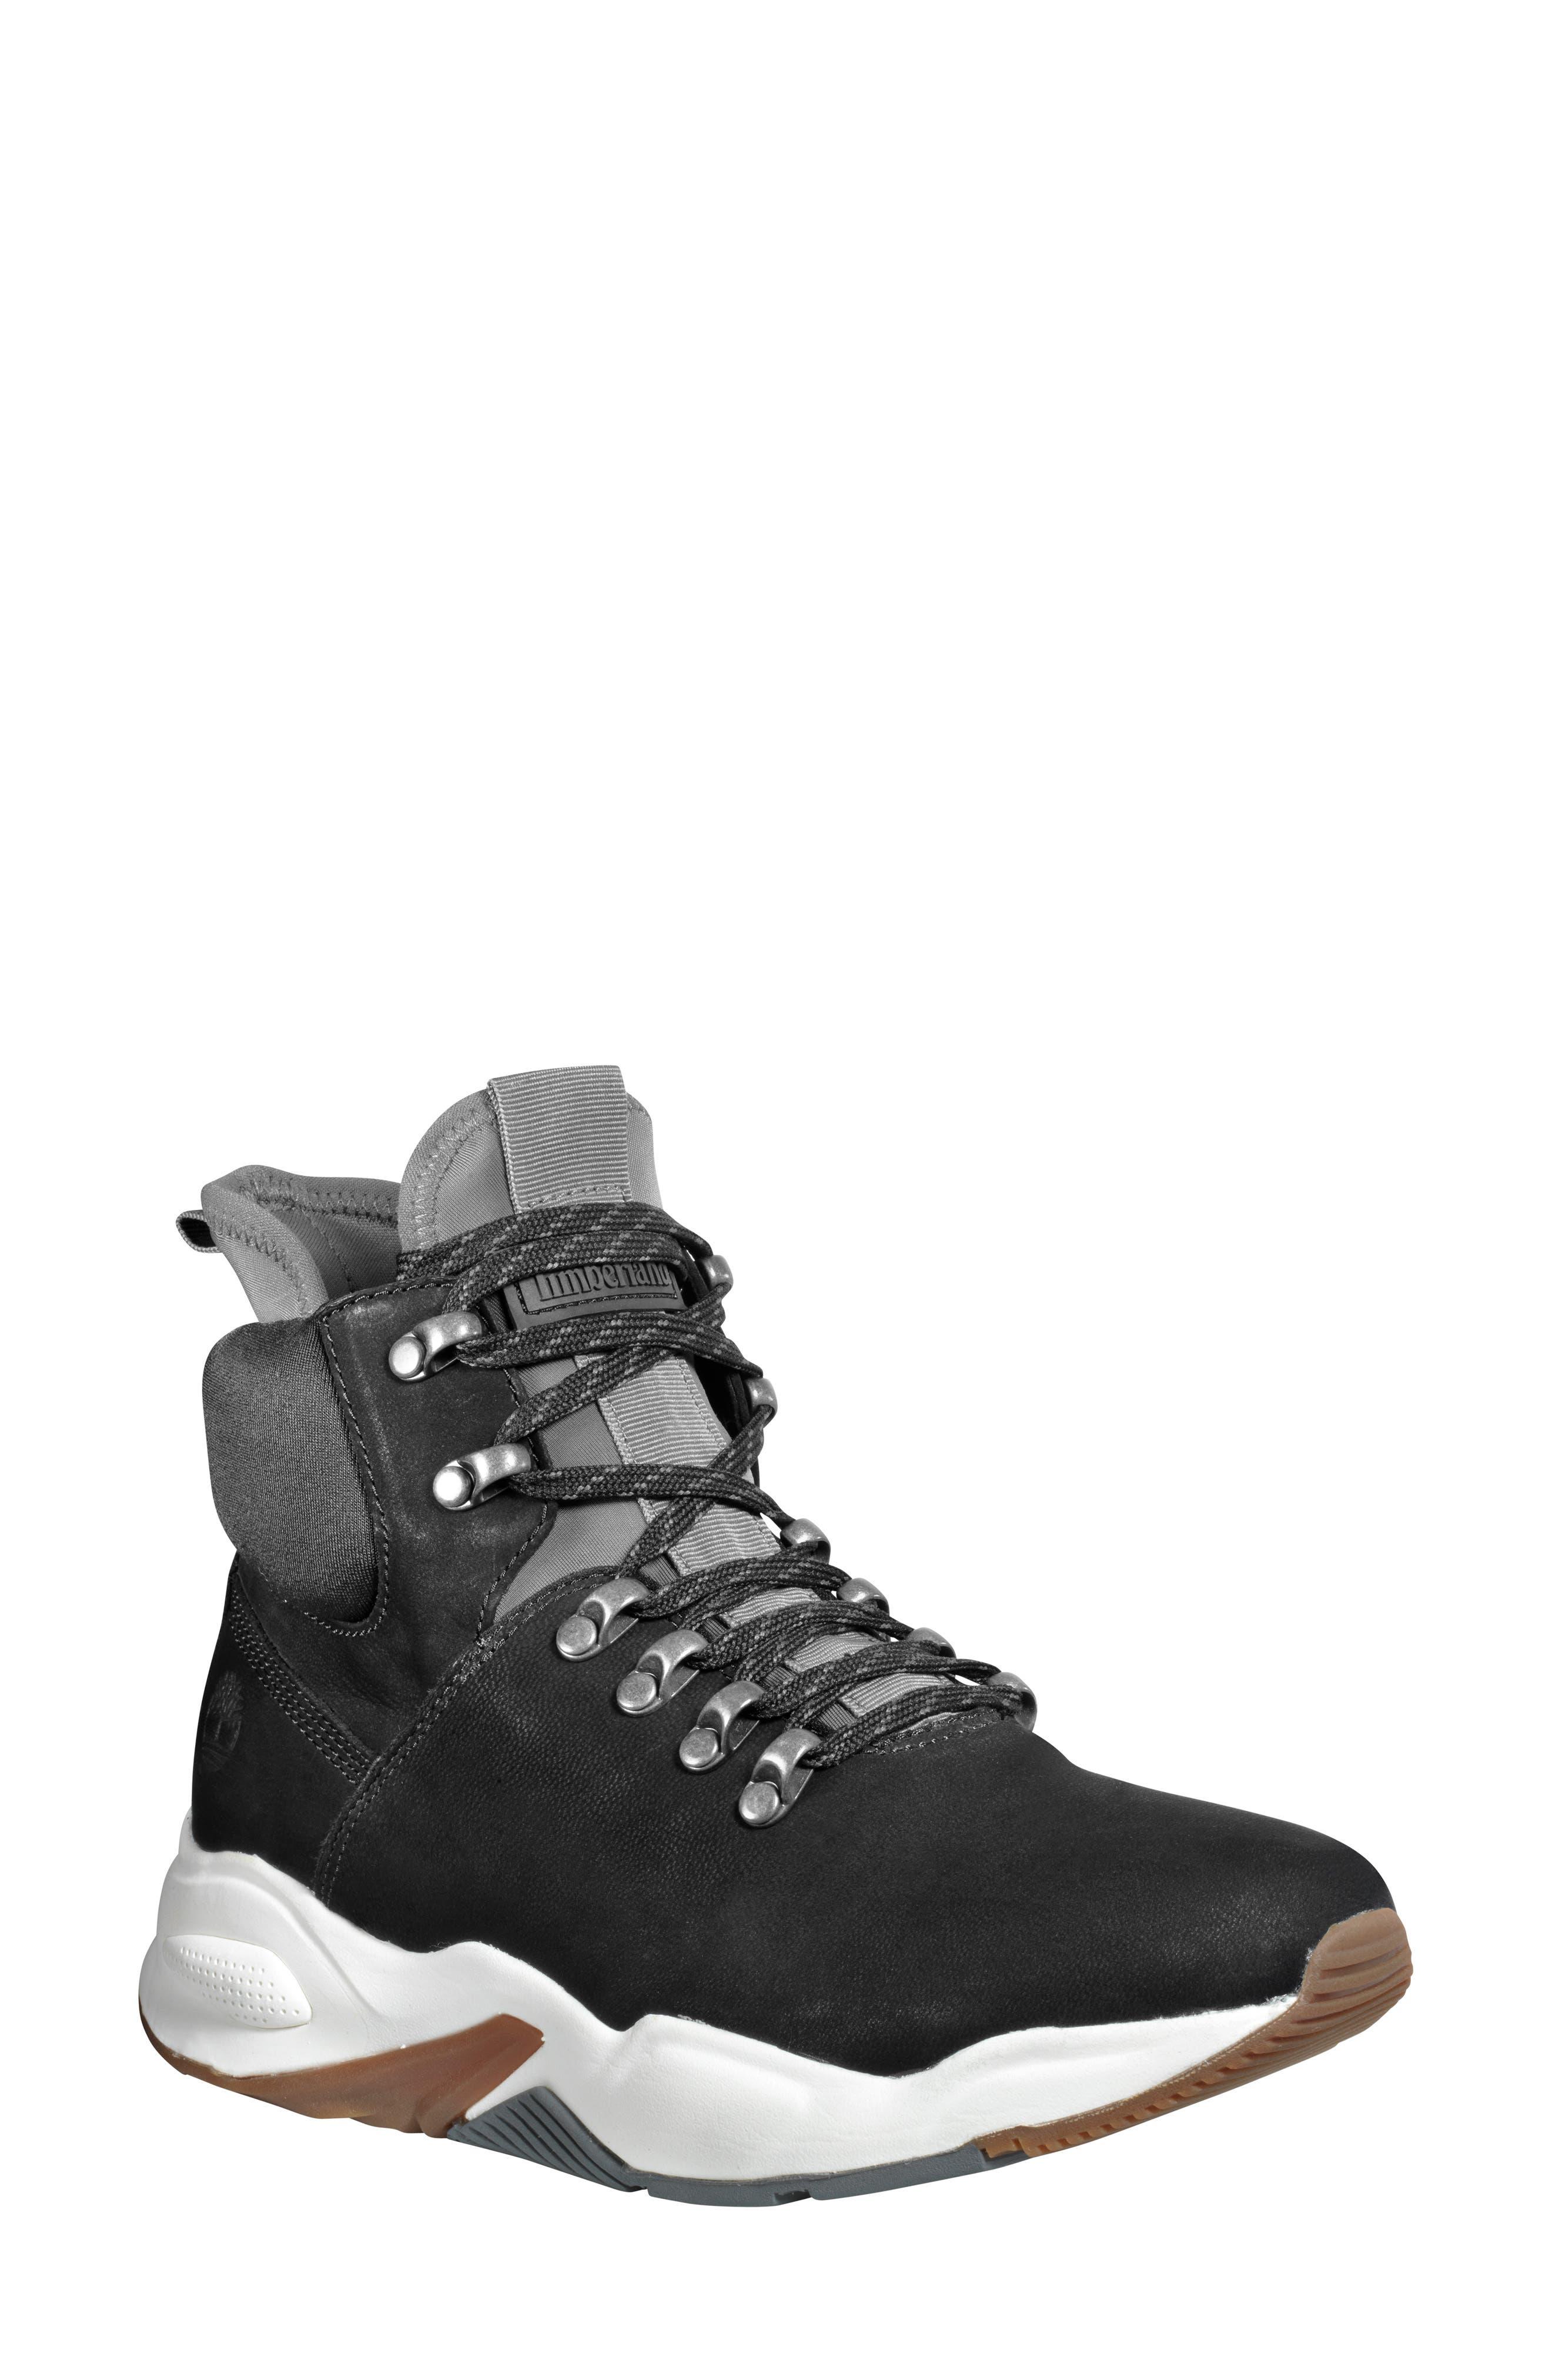 Women's Timberland Comfortable Sneakers | Nordstrom